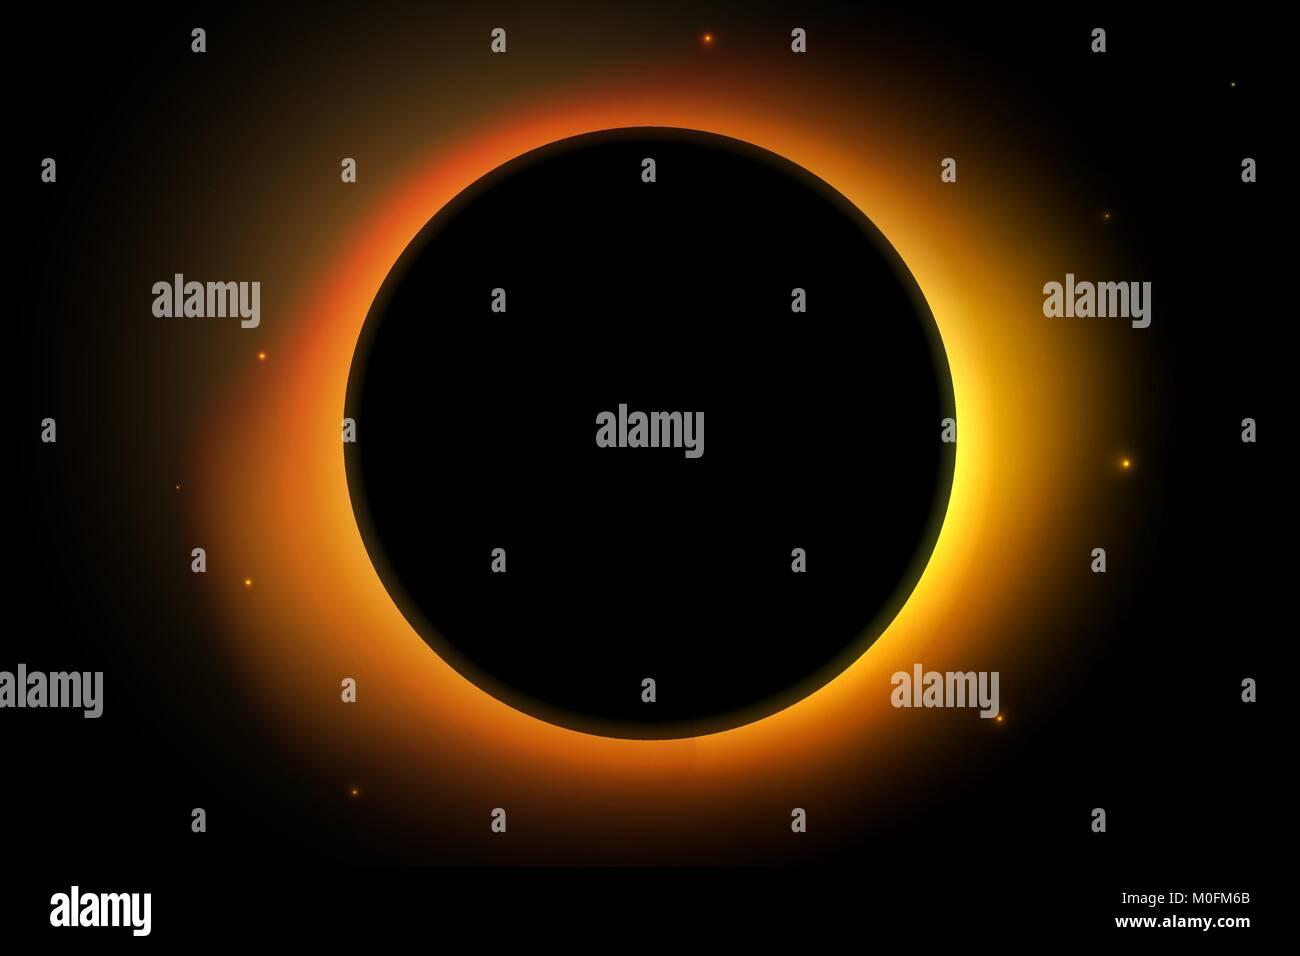 Volle Sonne Eclipse. Solar Vector Illustration mit Sterne auf der Rückseite Hintergrund. Stockbild